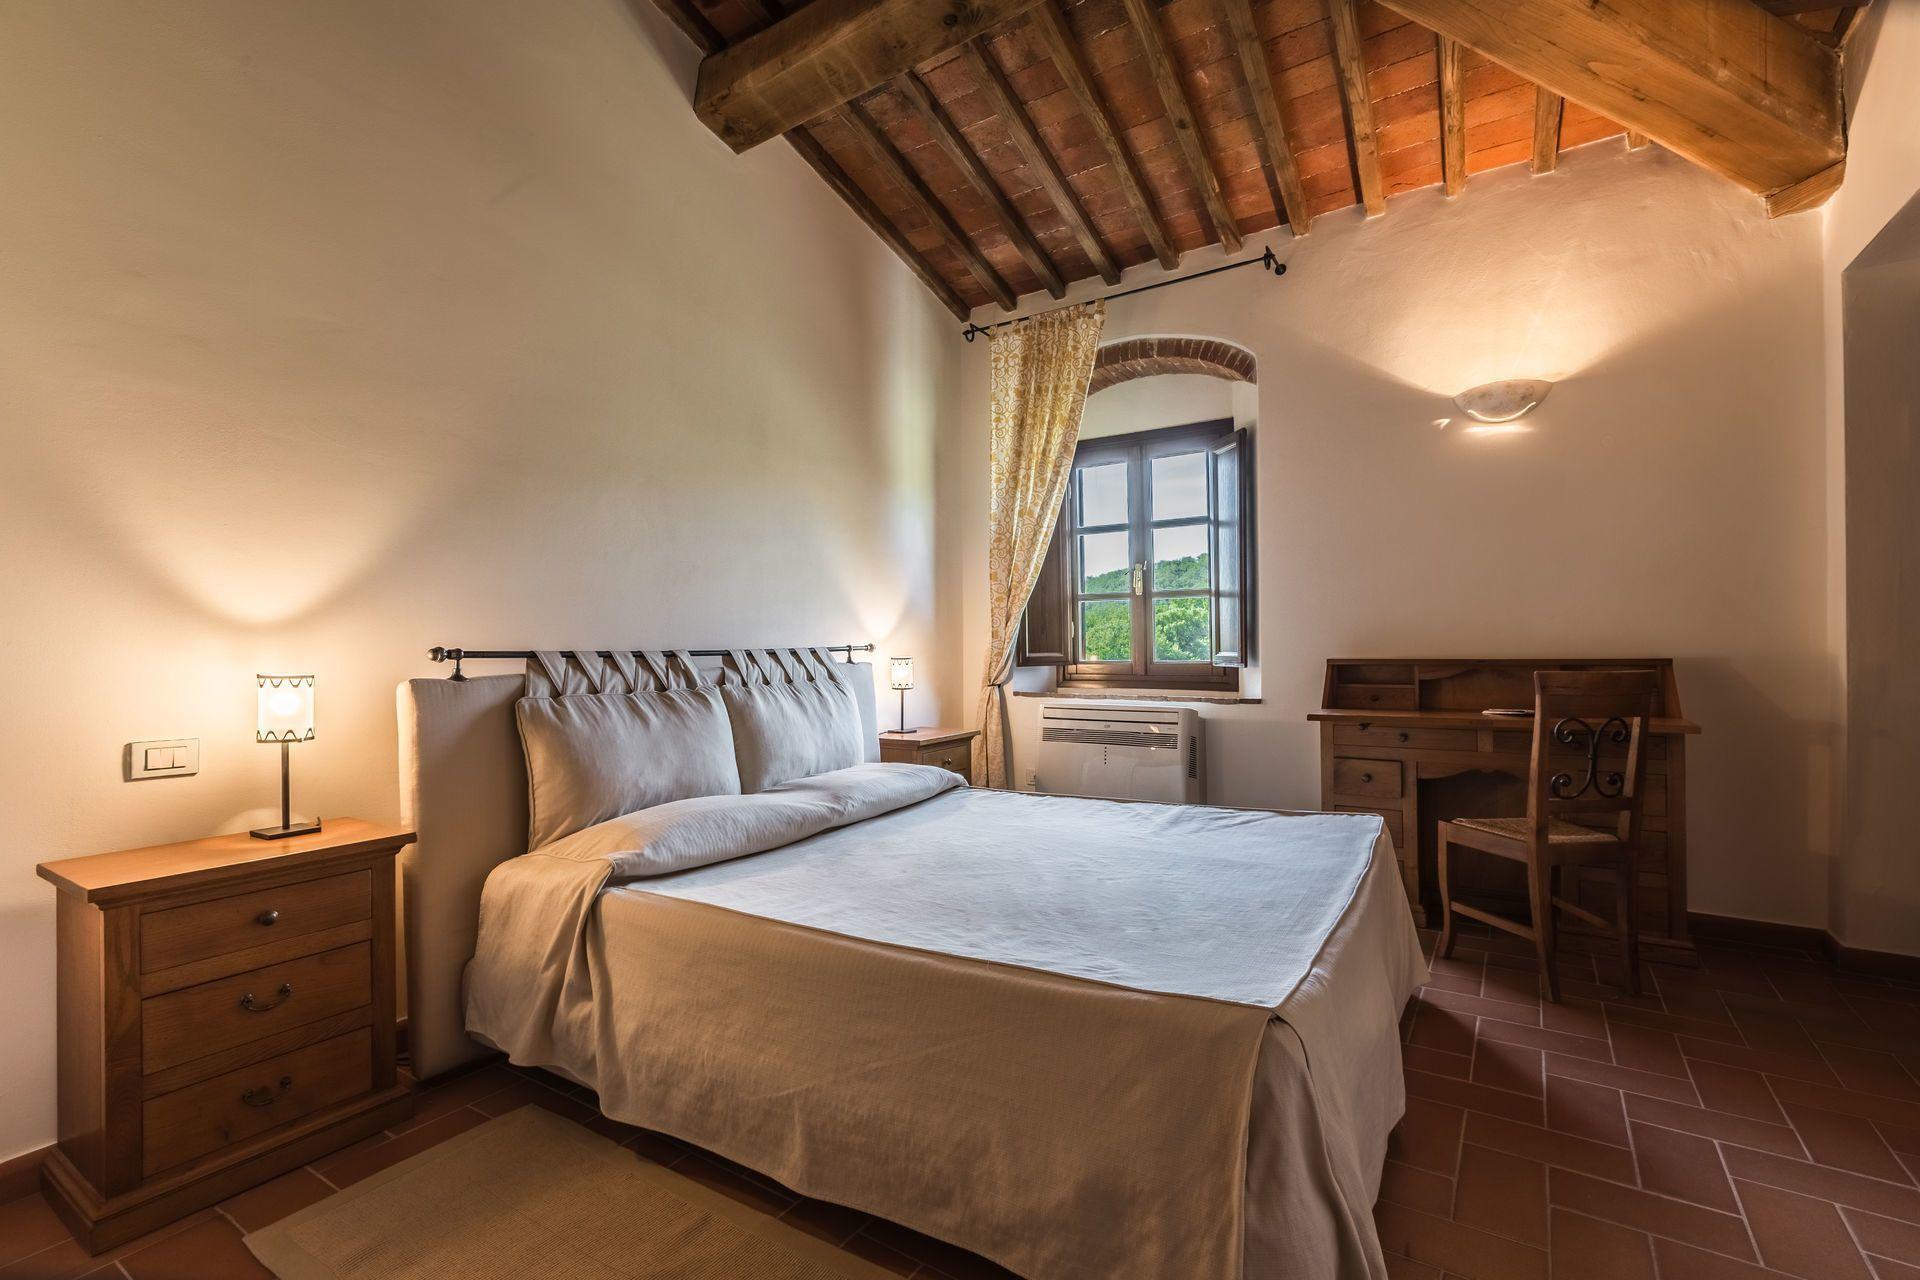 Cinghiale posti letto 4 in 2 camere casa vacanza a cennina toscana italia - Camere posti letto ...